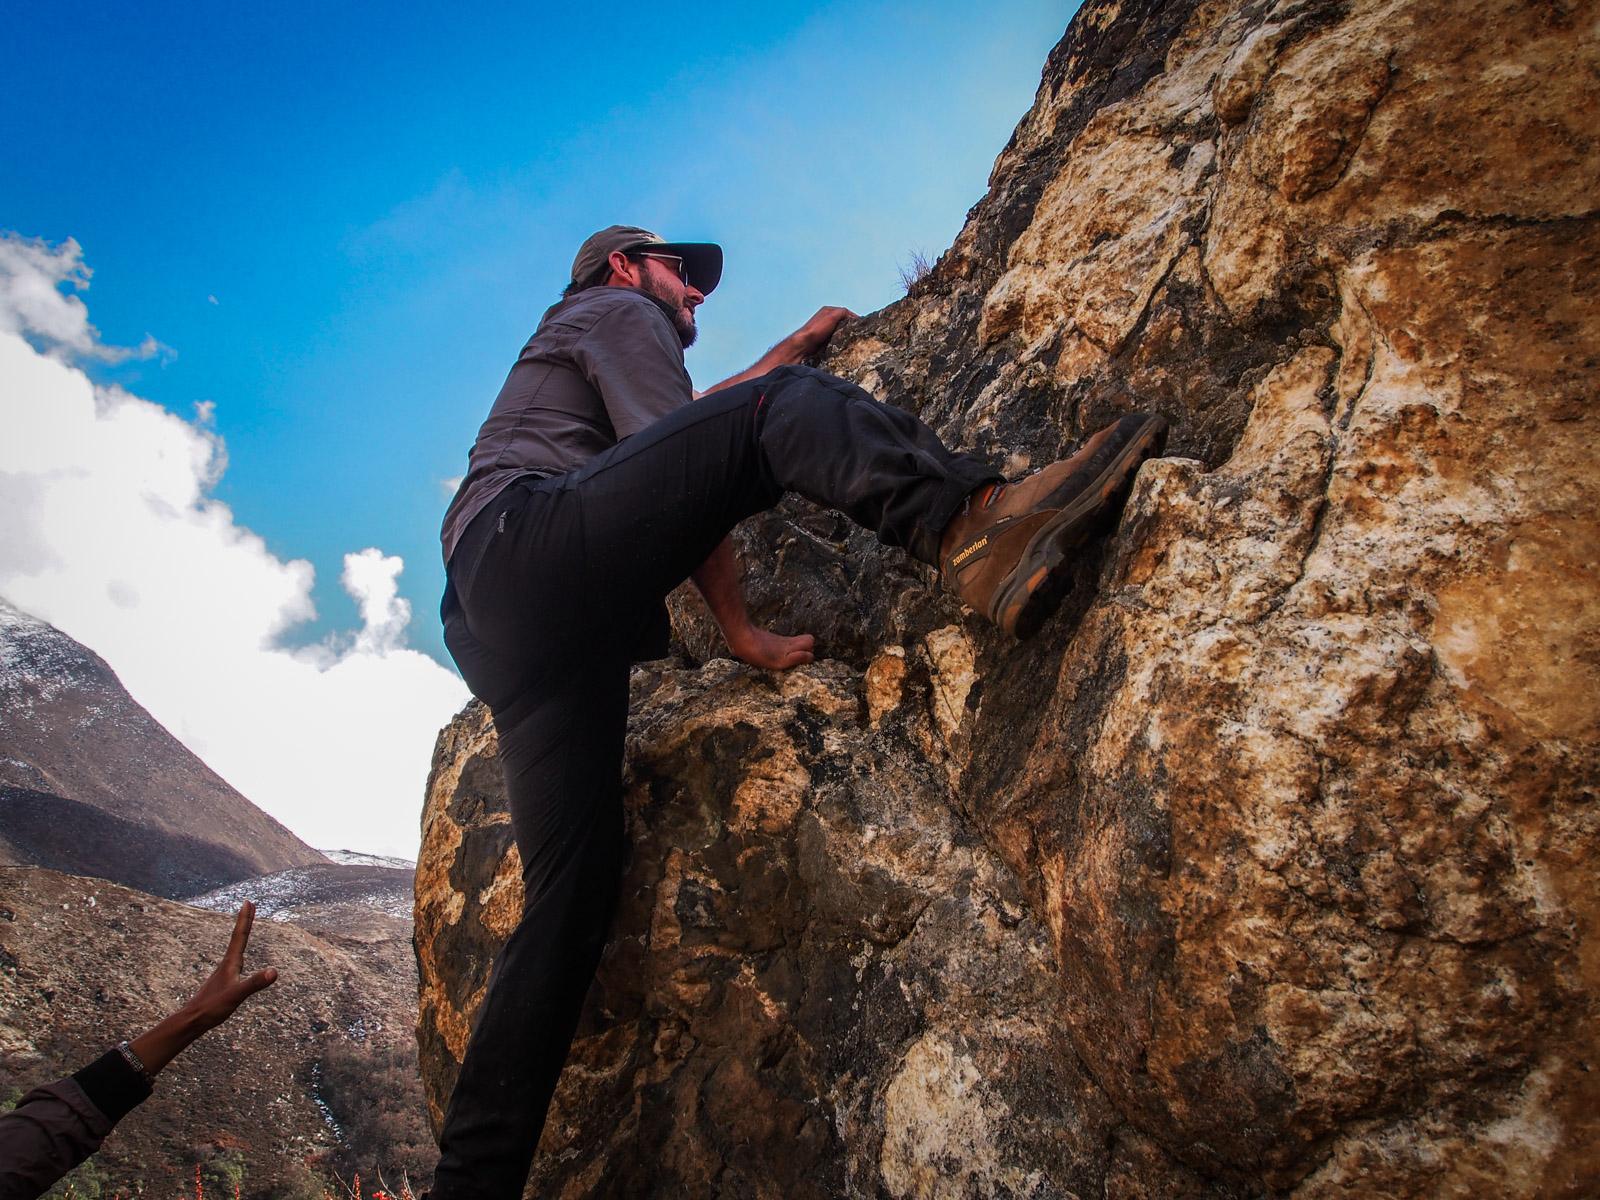 Impromptu bouldering on the way to Everest Basecamp